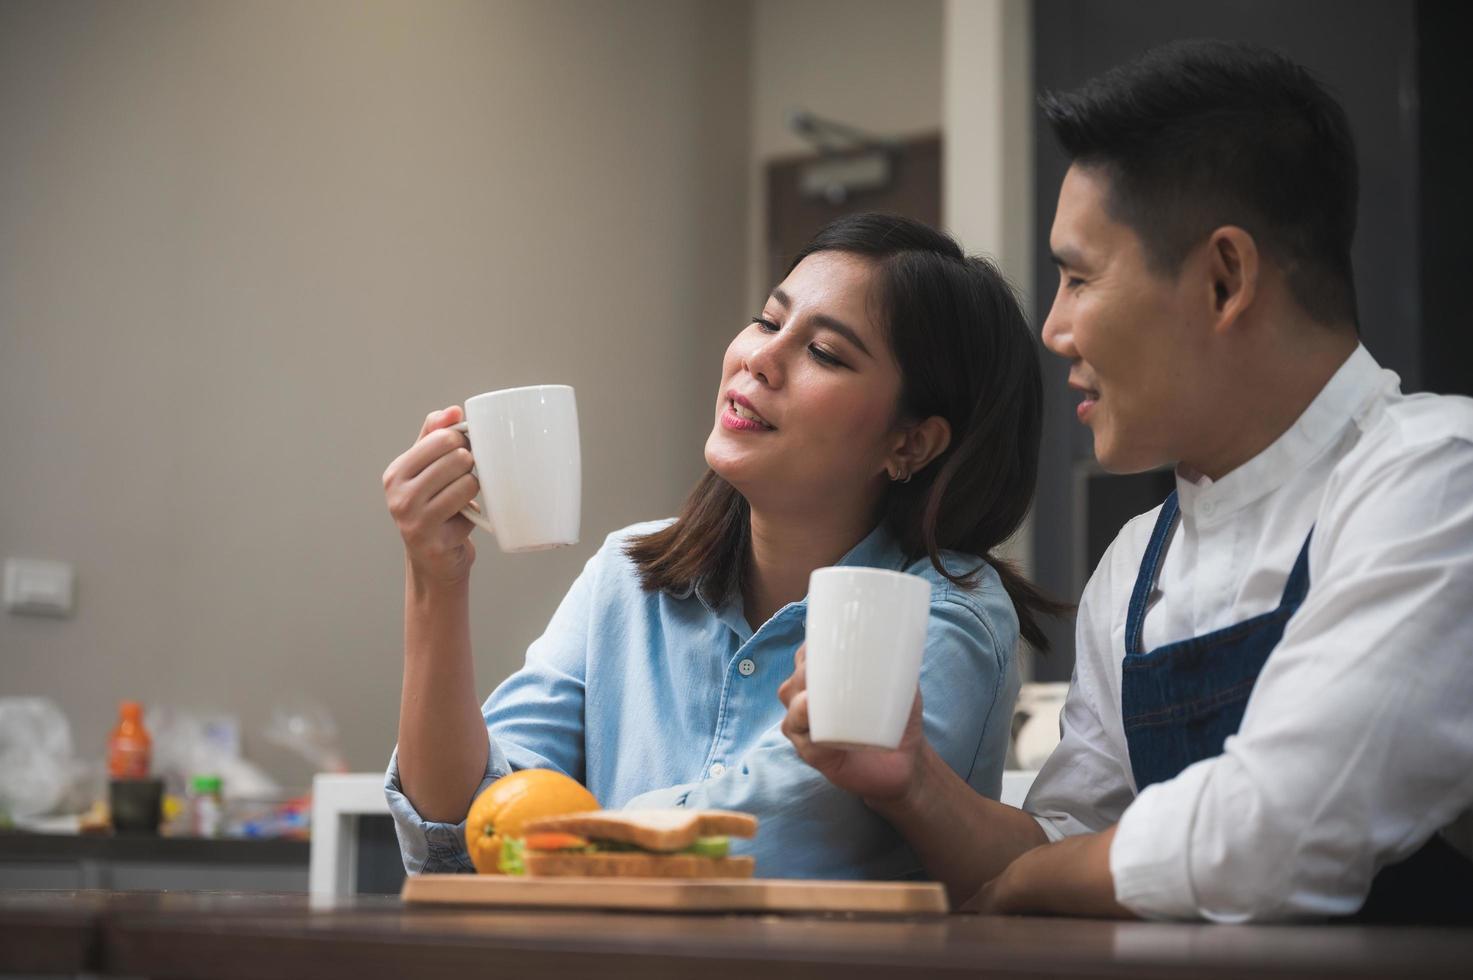 coppia in cucina sedersi davanti a un caffè foto